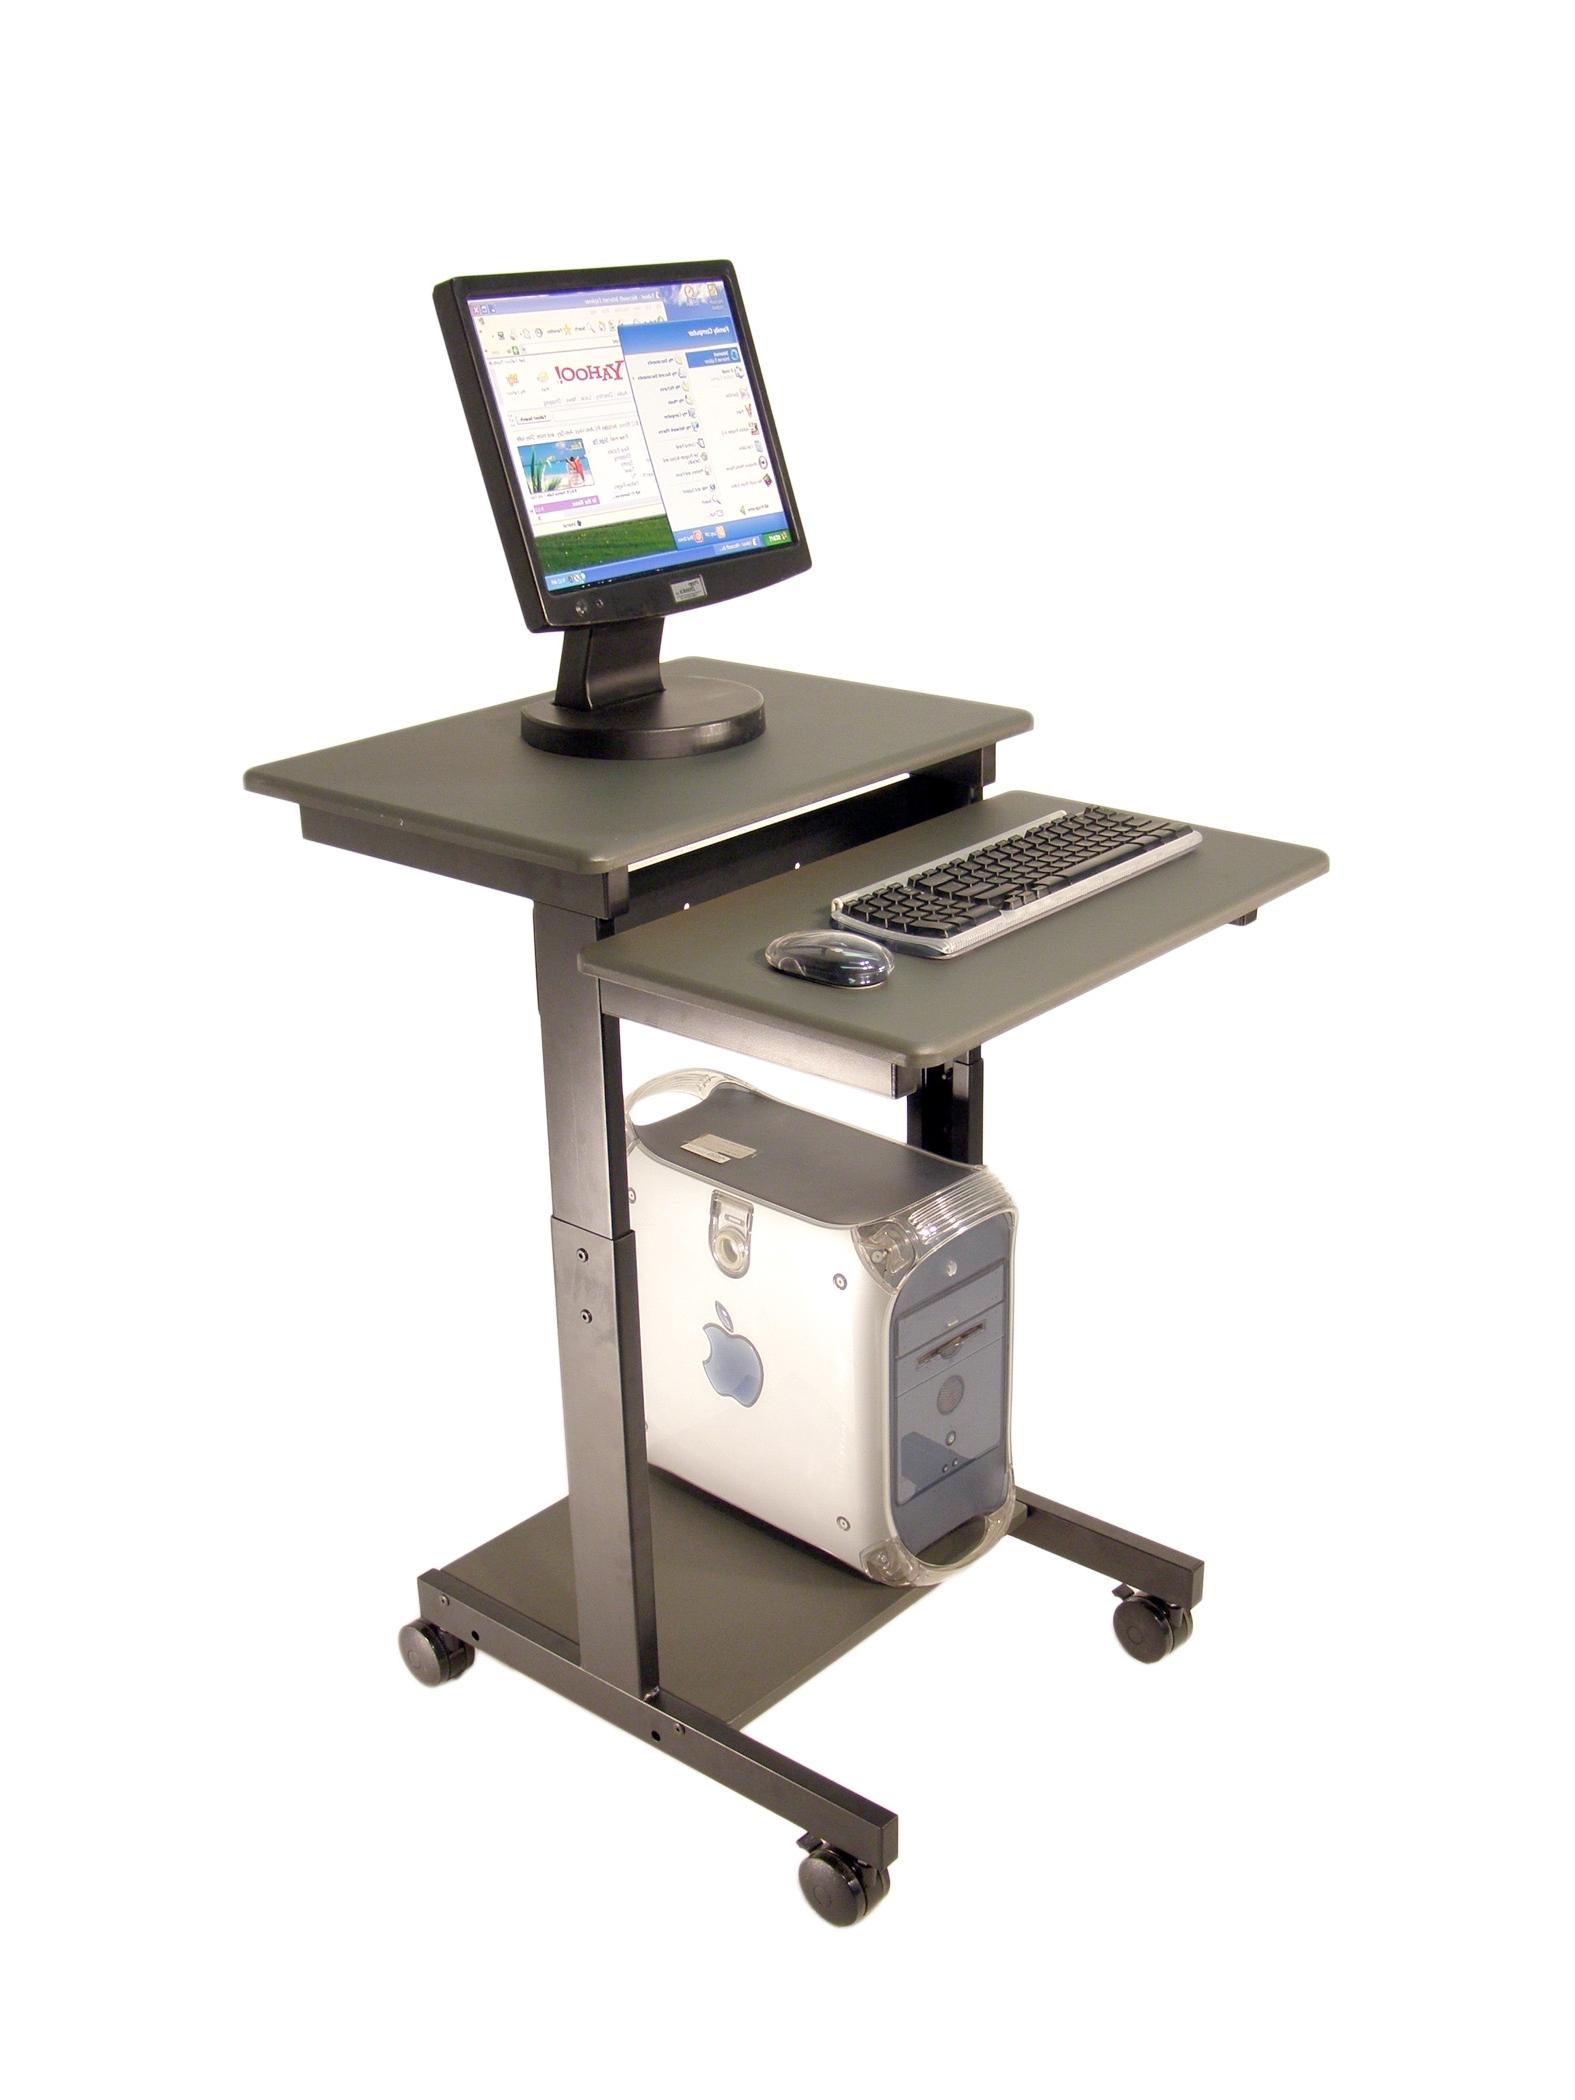 Portable Computer Desks Inside Preferred Charming Computer Stand For Desk On Wheels Pinterest Desks Desktop (View 10 of 20)